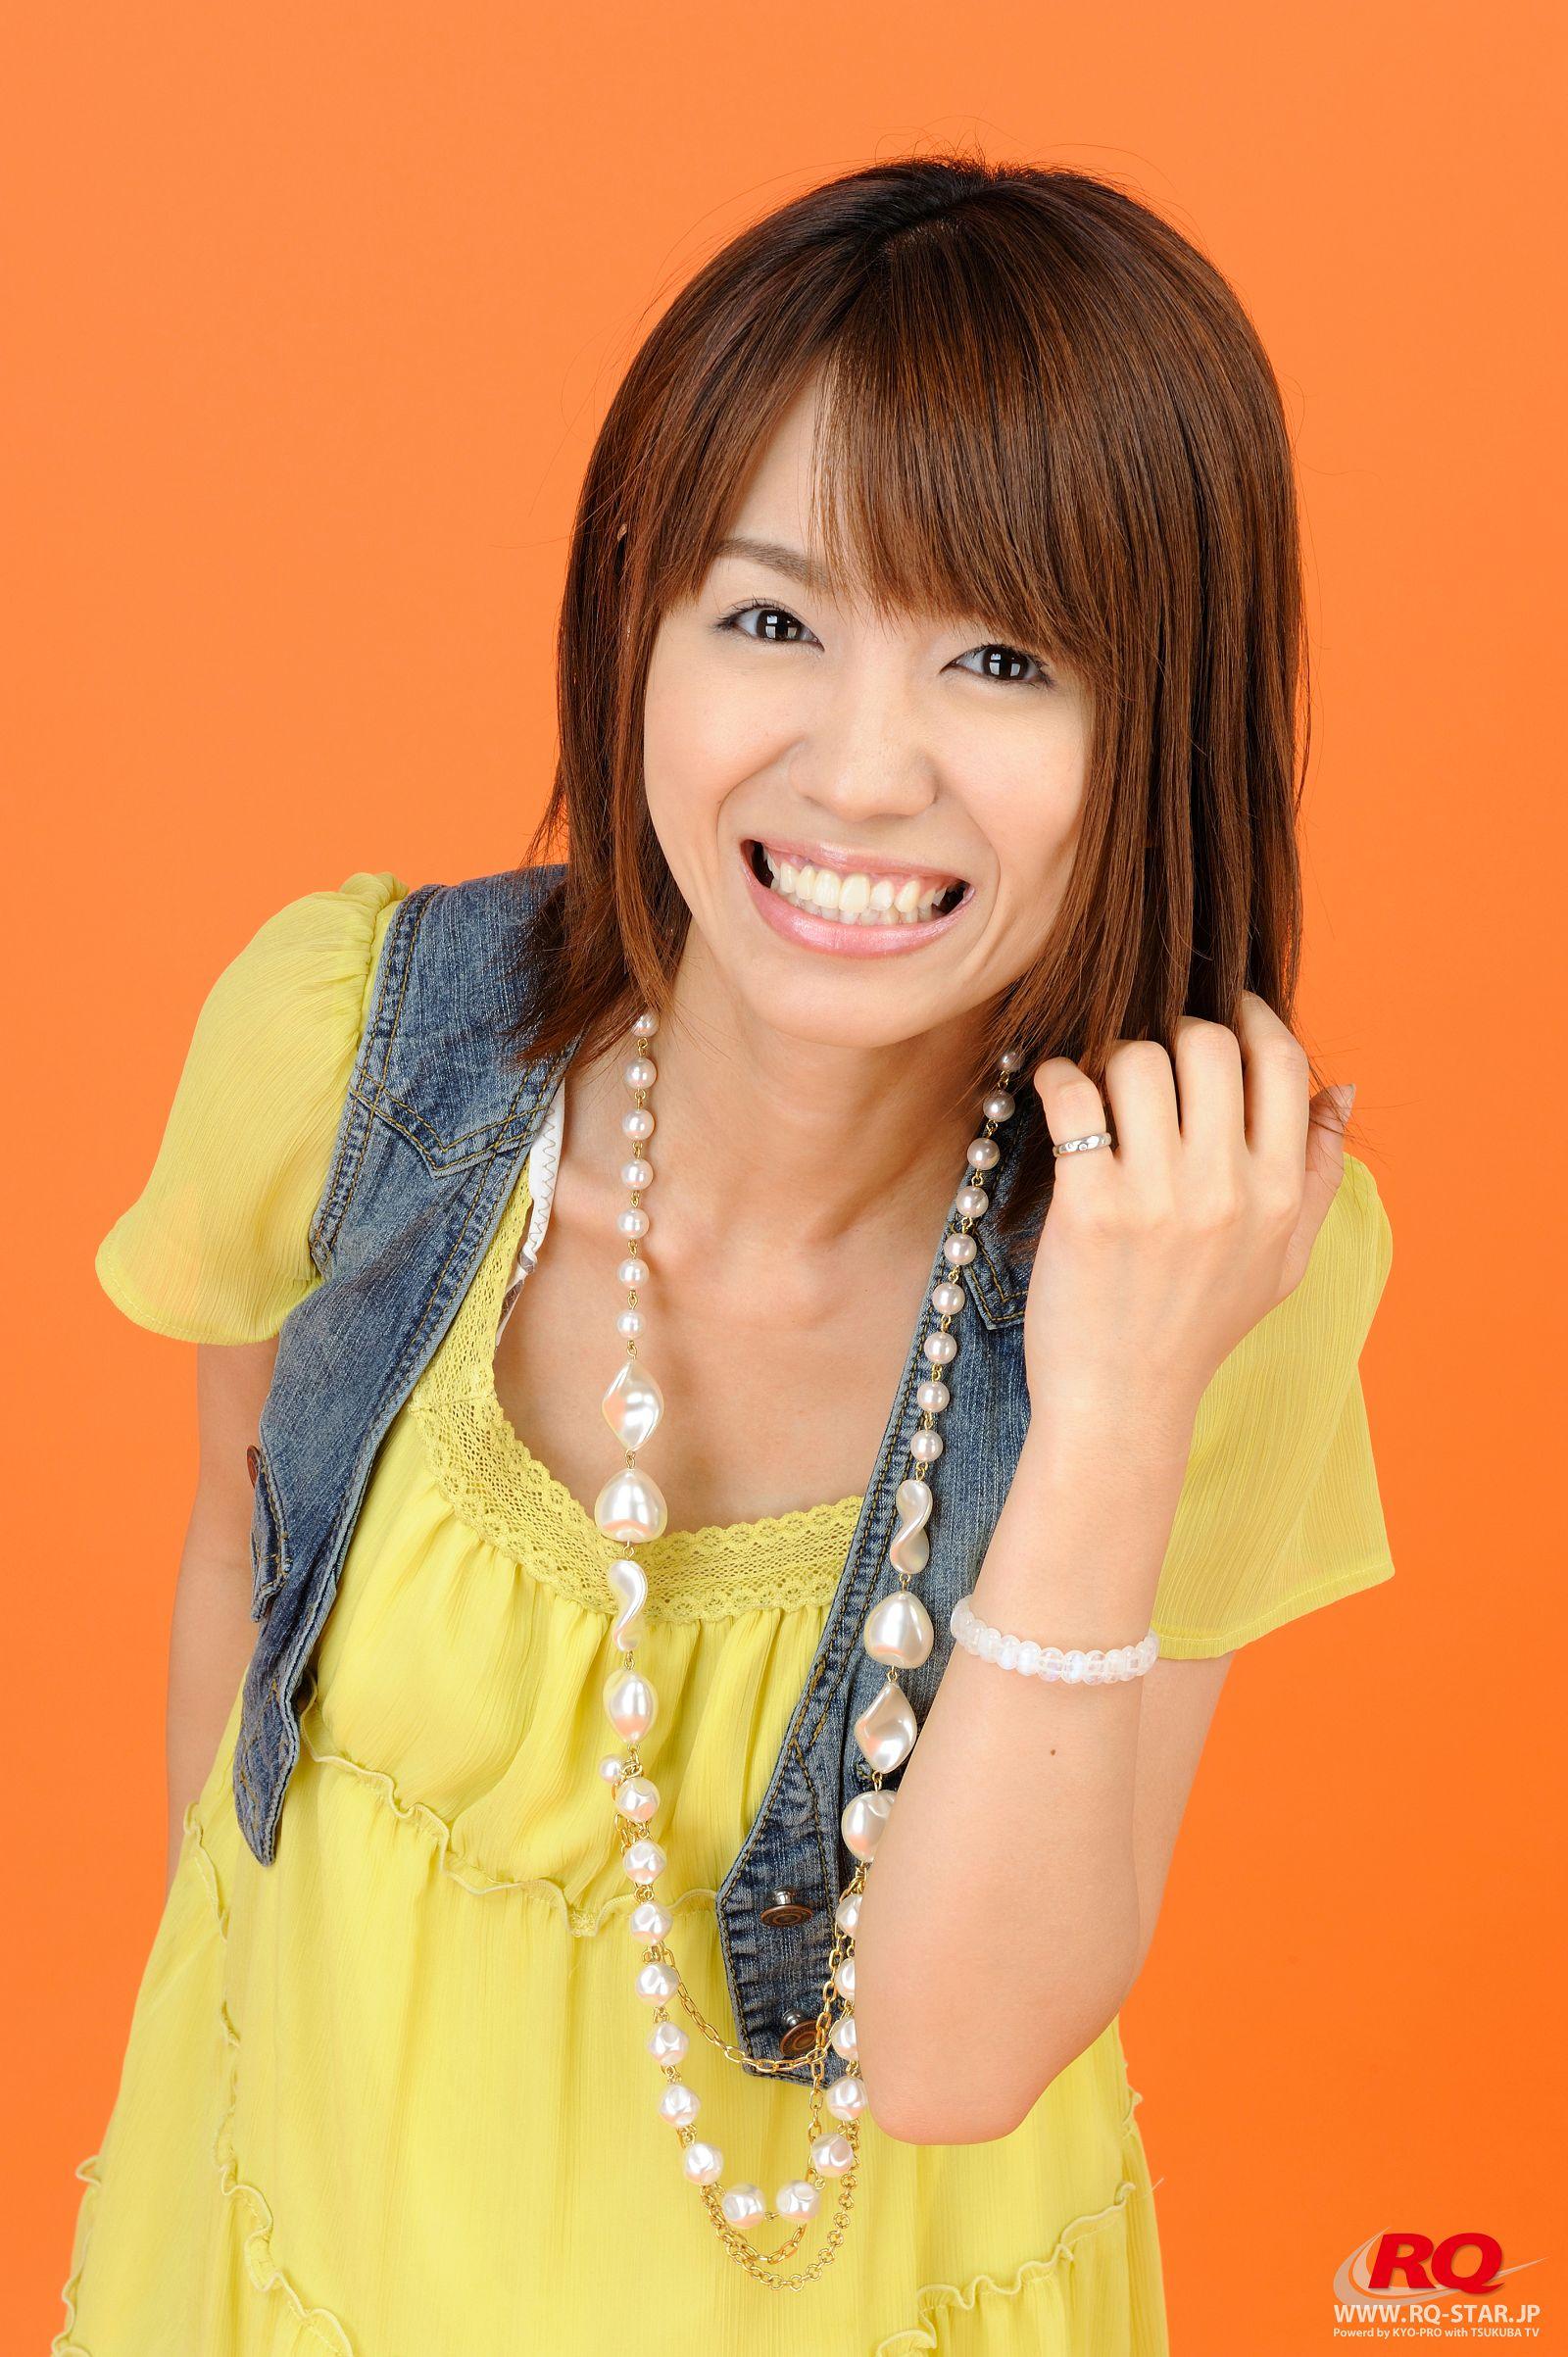 [RQ STAR美女] NO.0057 Kotomi Kurosawa 鼪g琴美 Private Dress[95P] RQ STAR 第4张